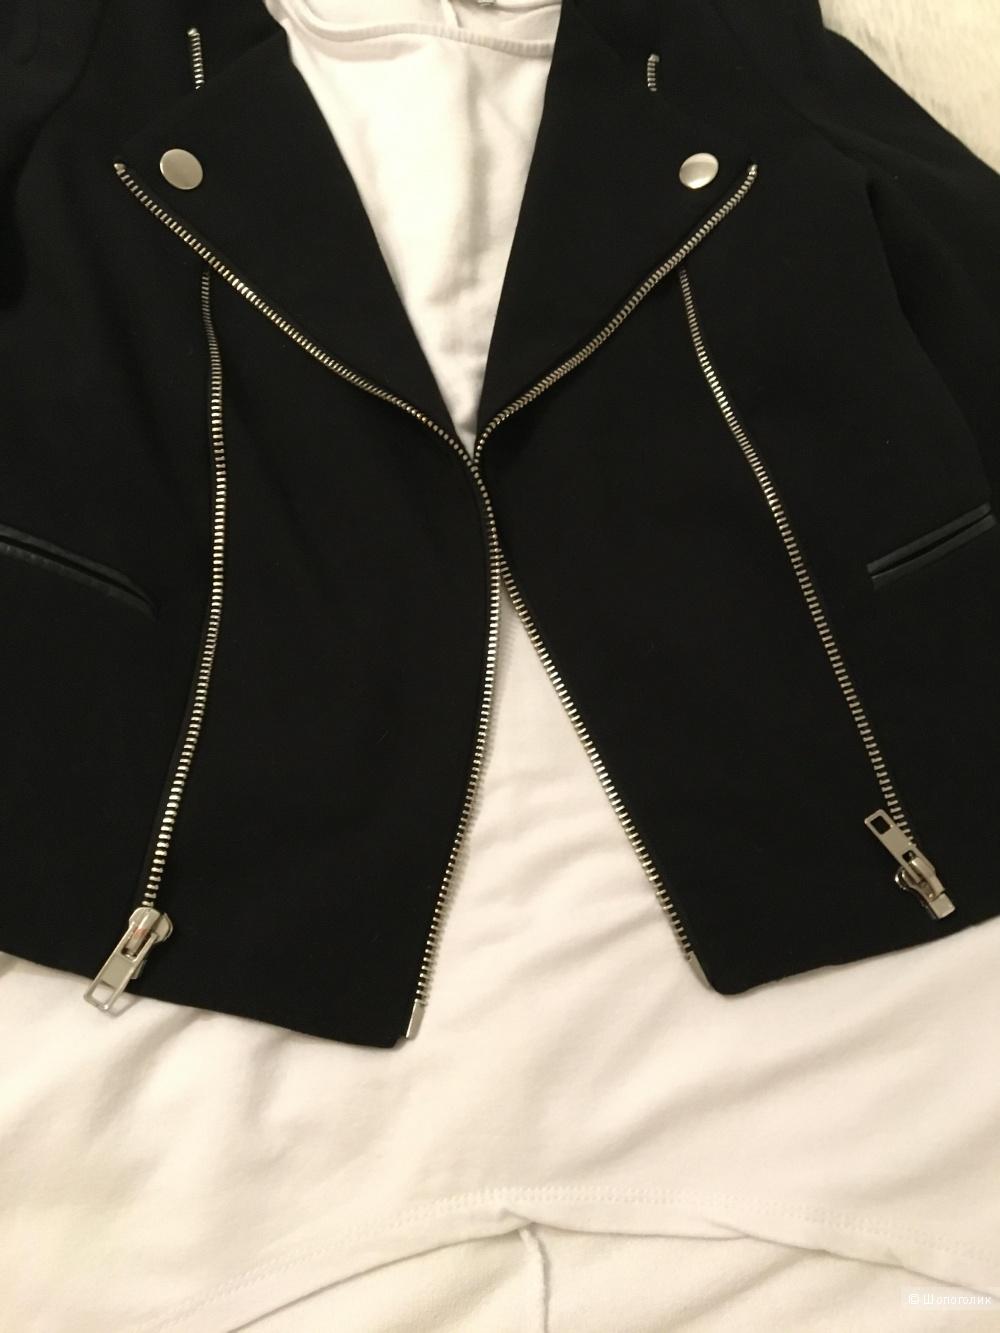 Комплект из пиджака-куртки Pimkie, размер 42+Туника My style,размер S